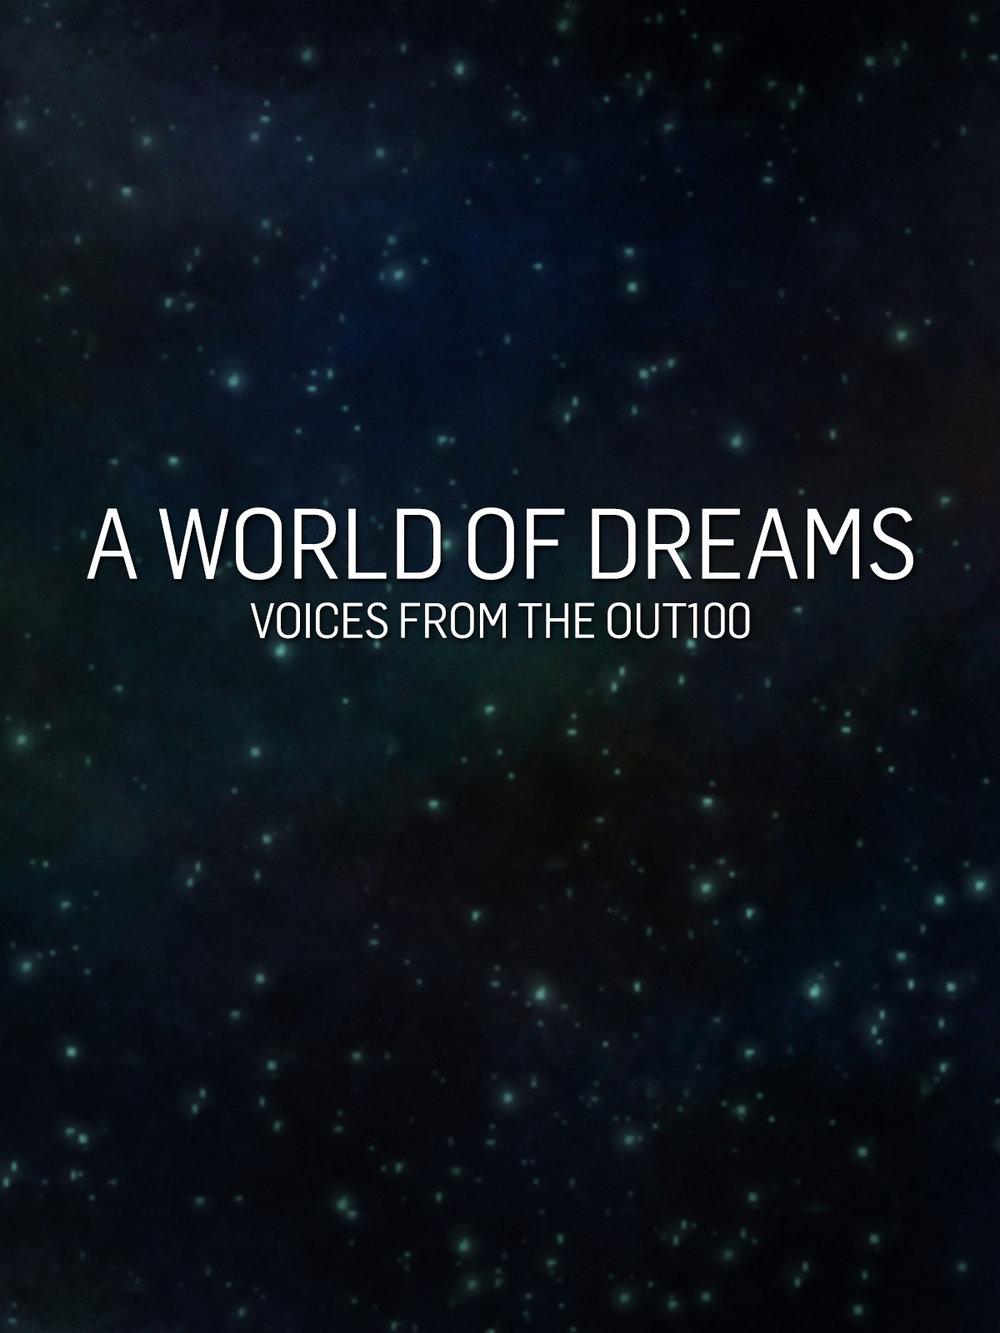 Here-VoicesFromTheOut100-Full-Image-en-US.jpg